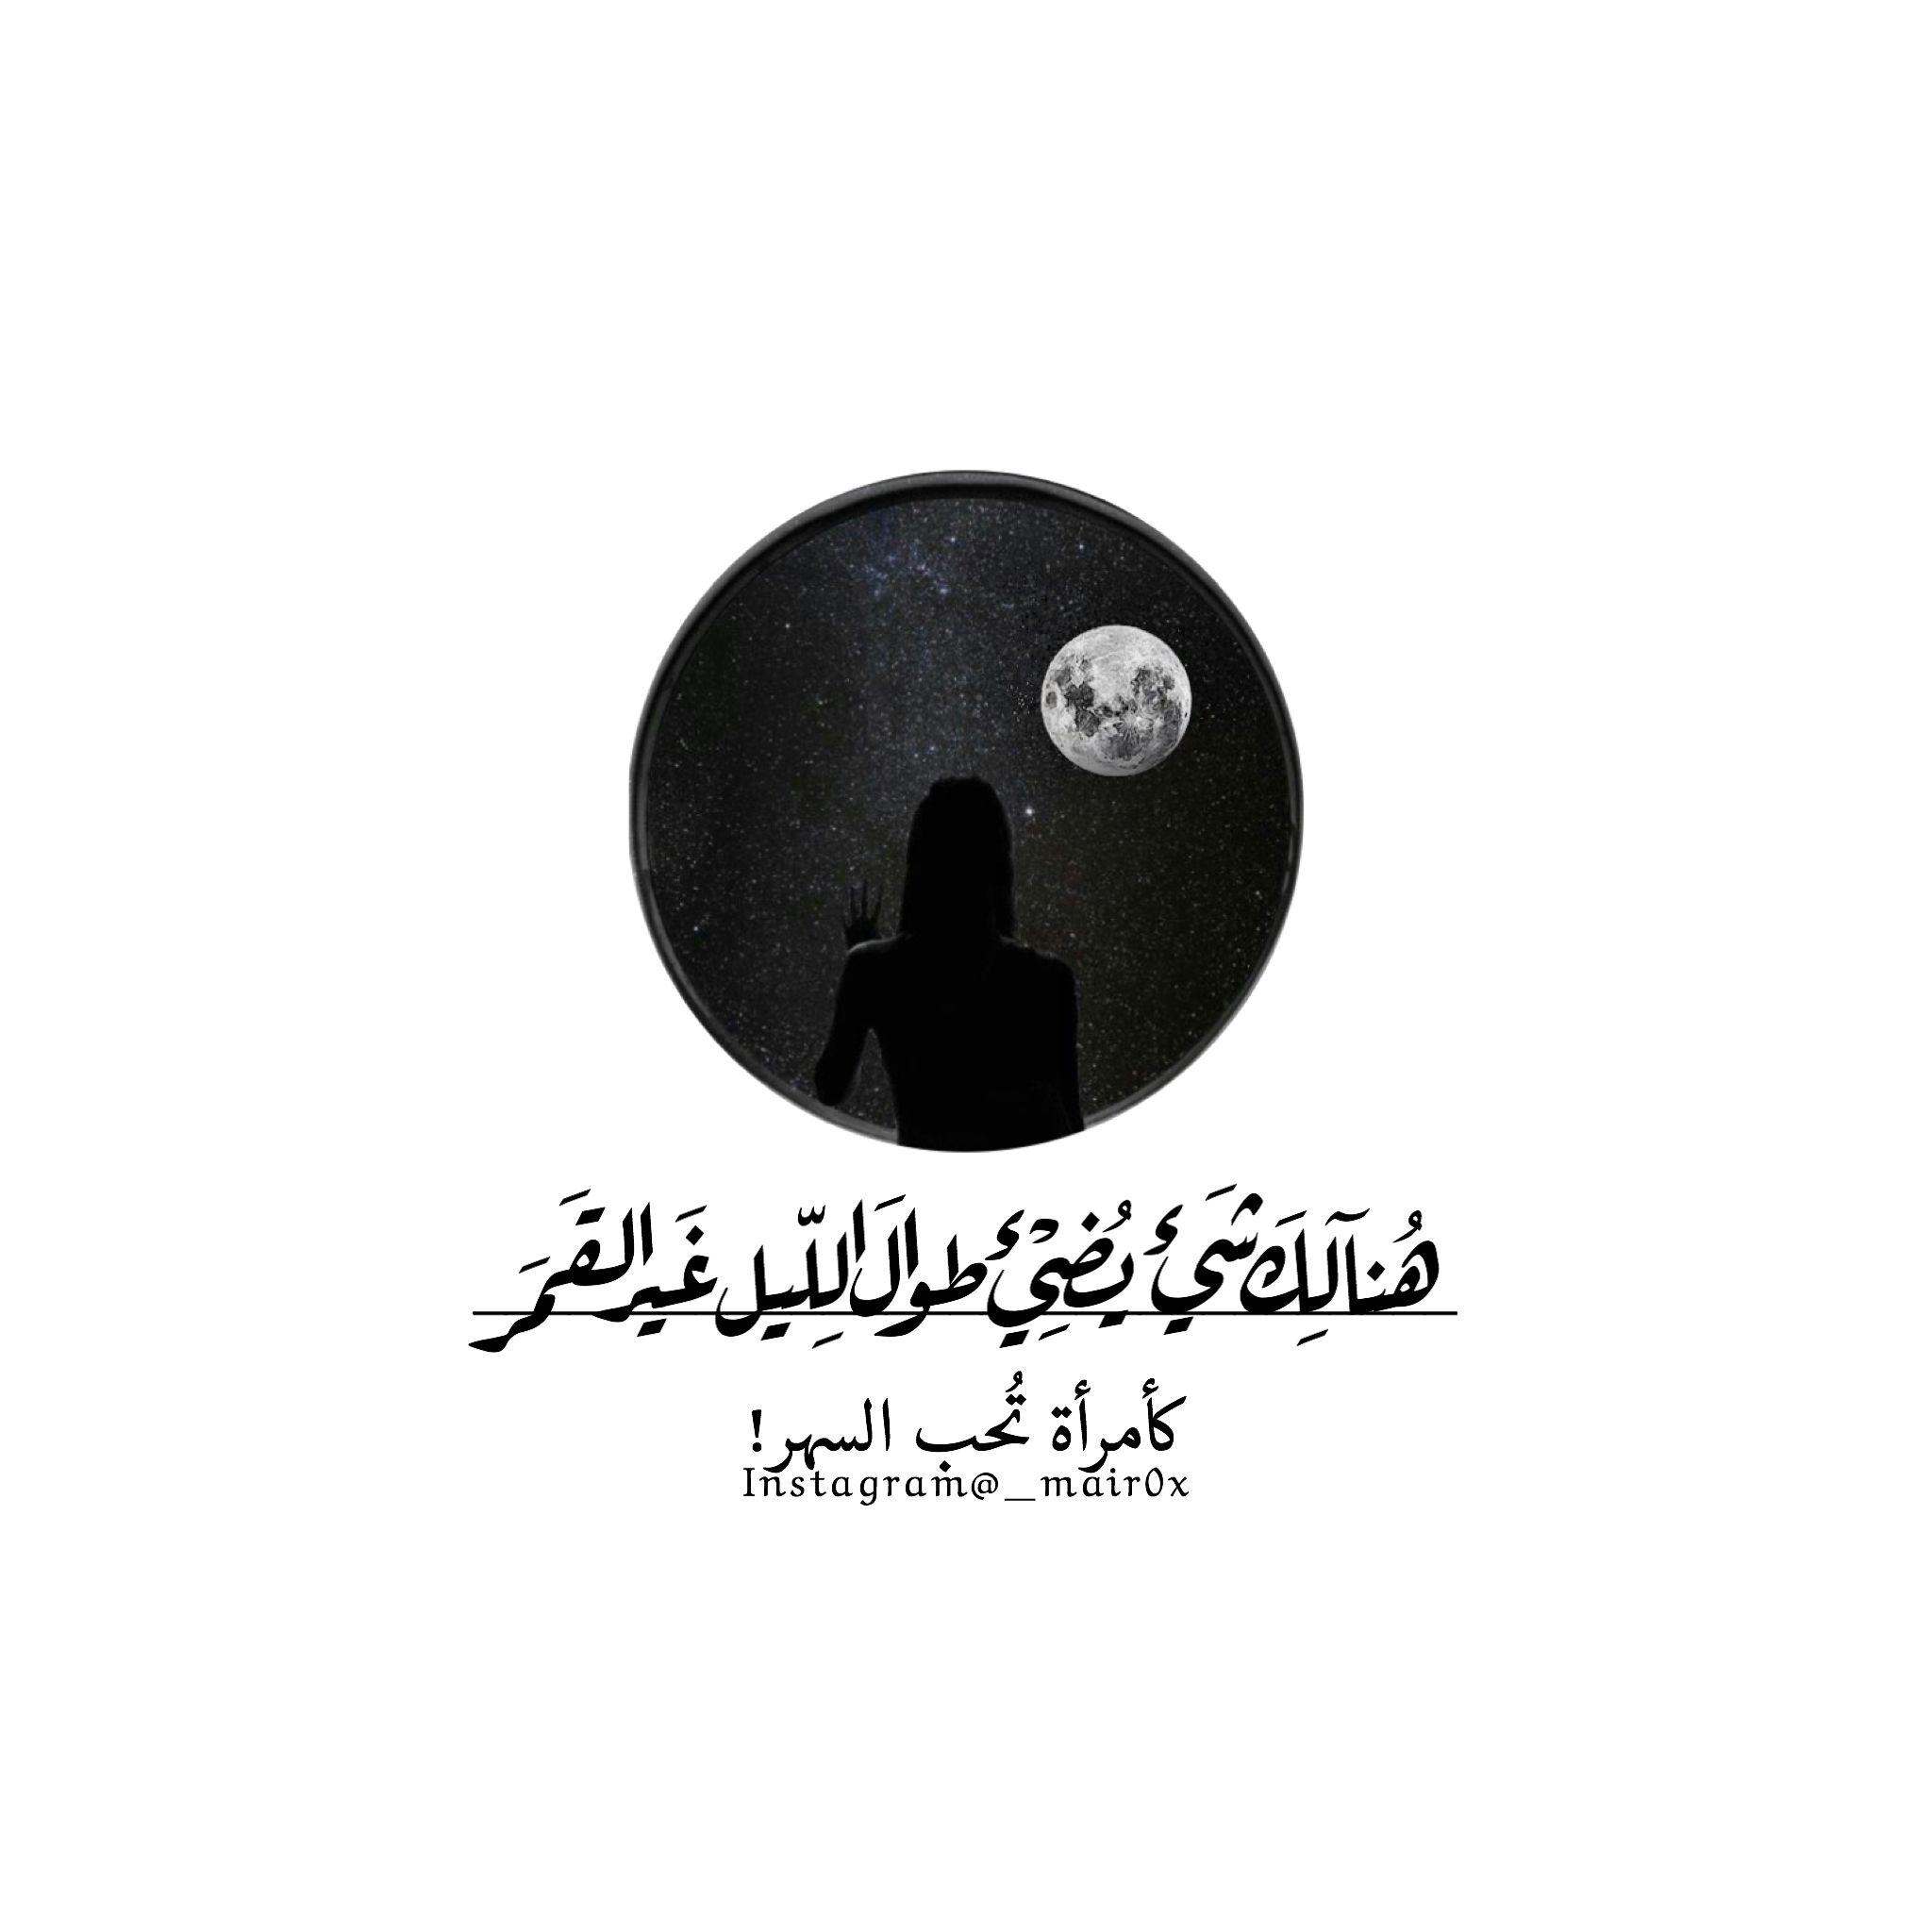 ليل يضيء قمر امرأة سهر اقتباسات ابيض اسود Iphone Wallpaper Quotes Love Arabic Quotes Arabic Love Quotes